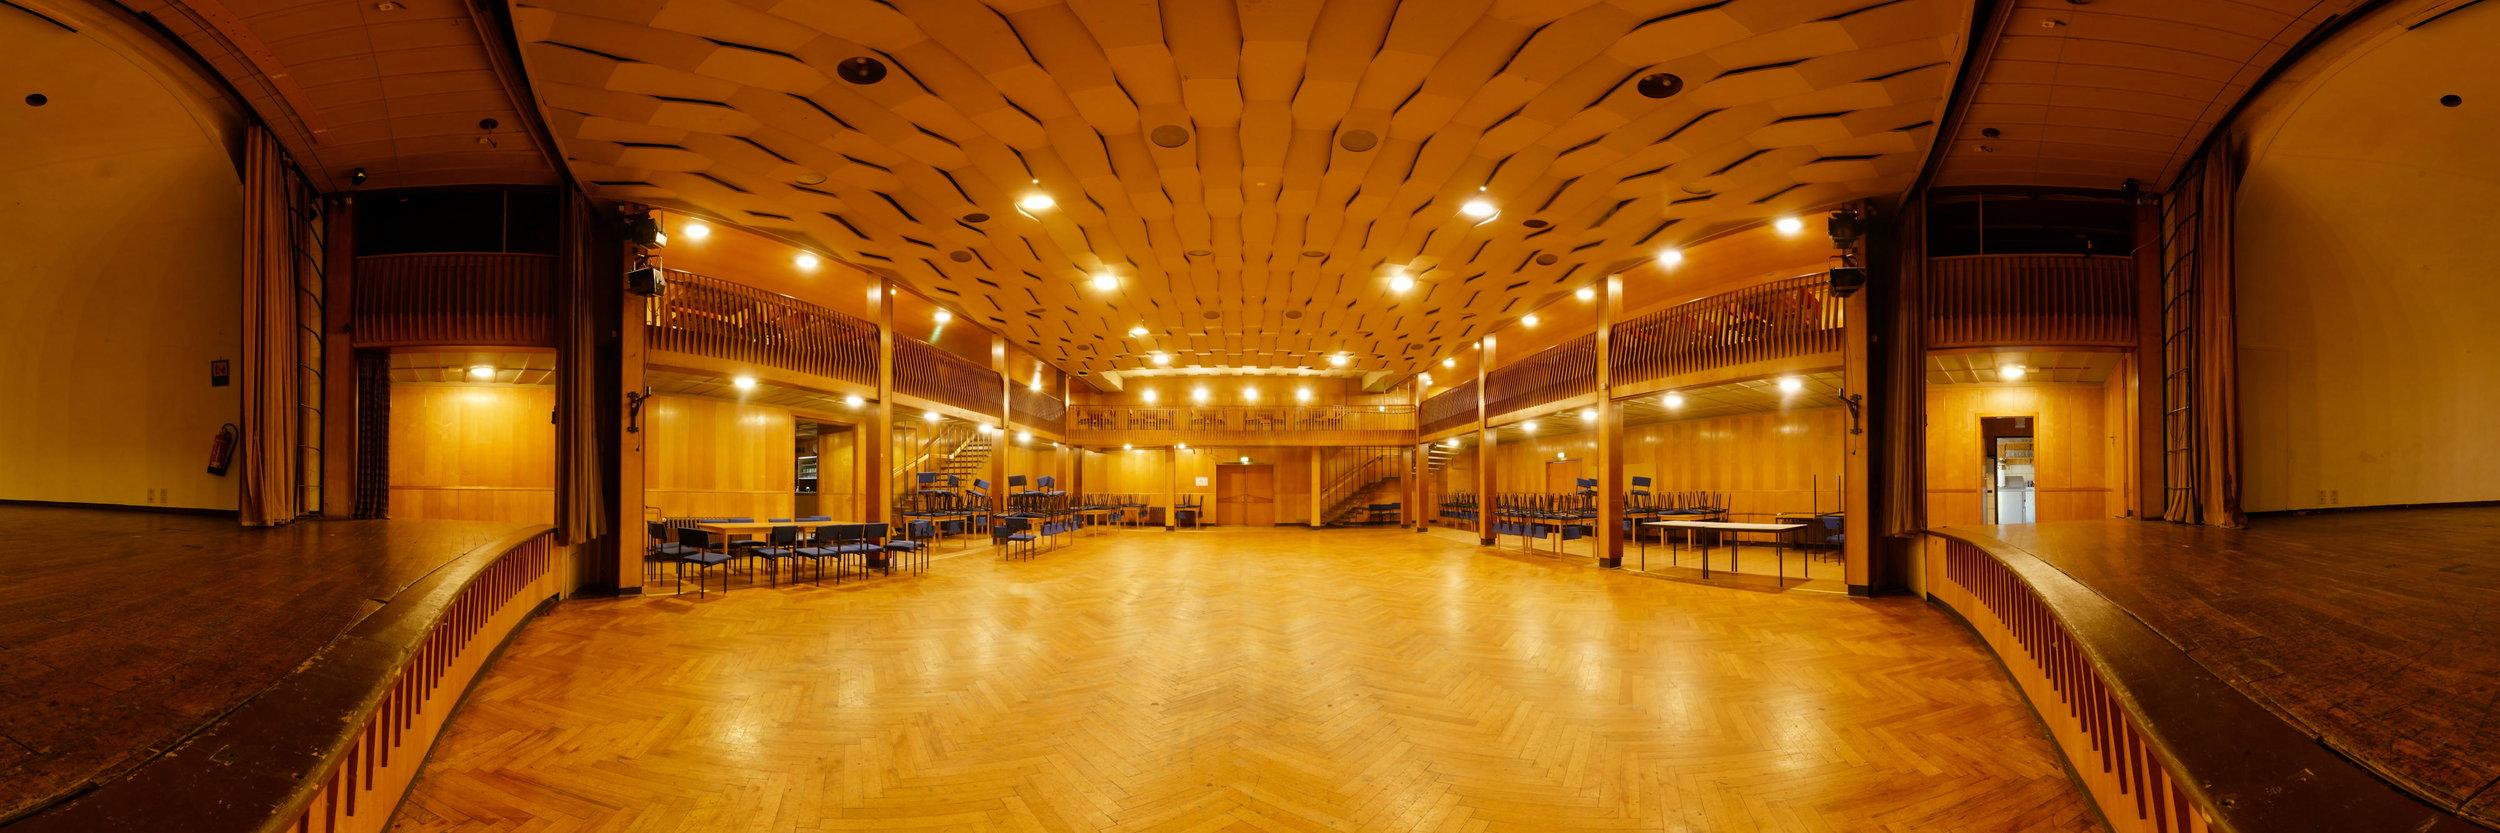 Kulturhaus Lauscha - 180 Grad Panorama von der Bühne aus gesehen